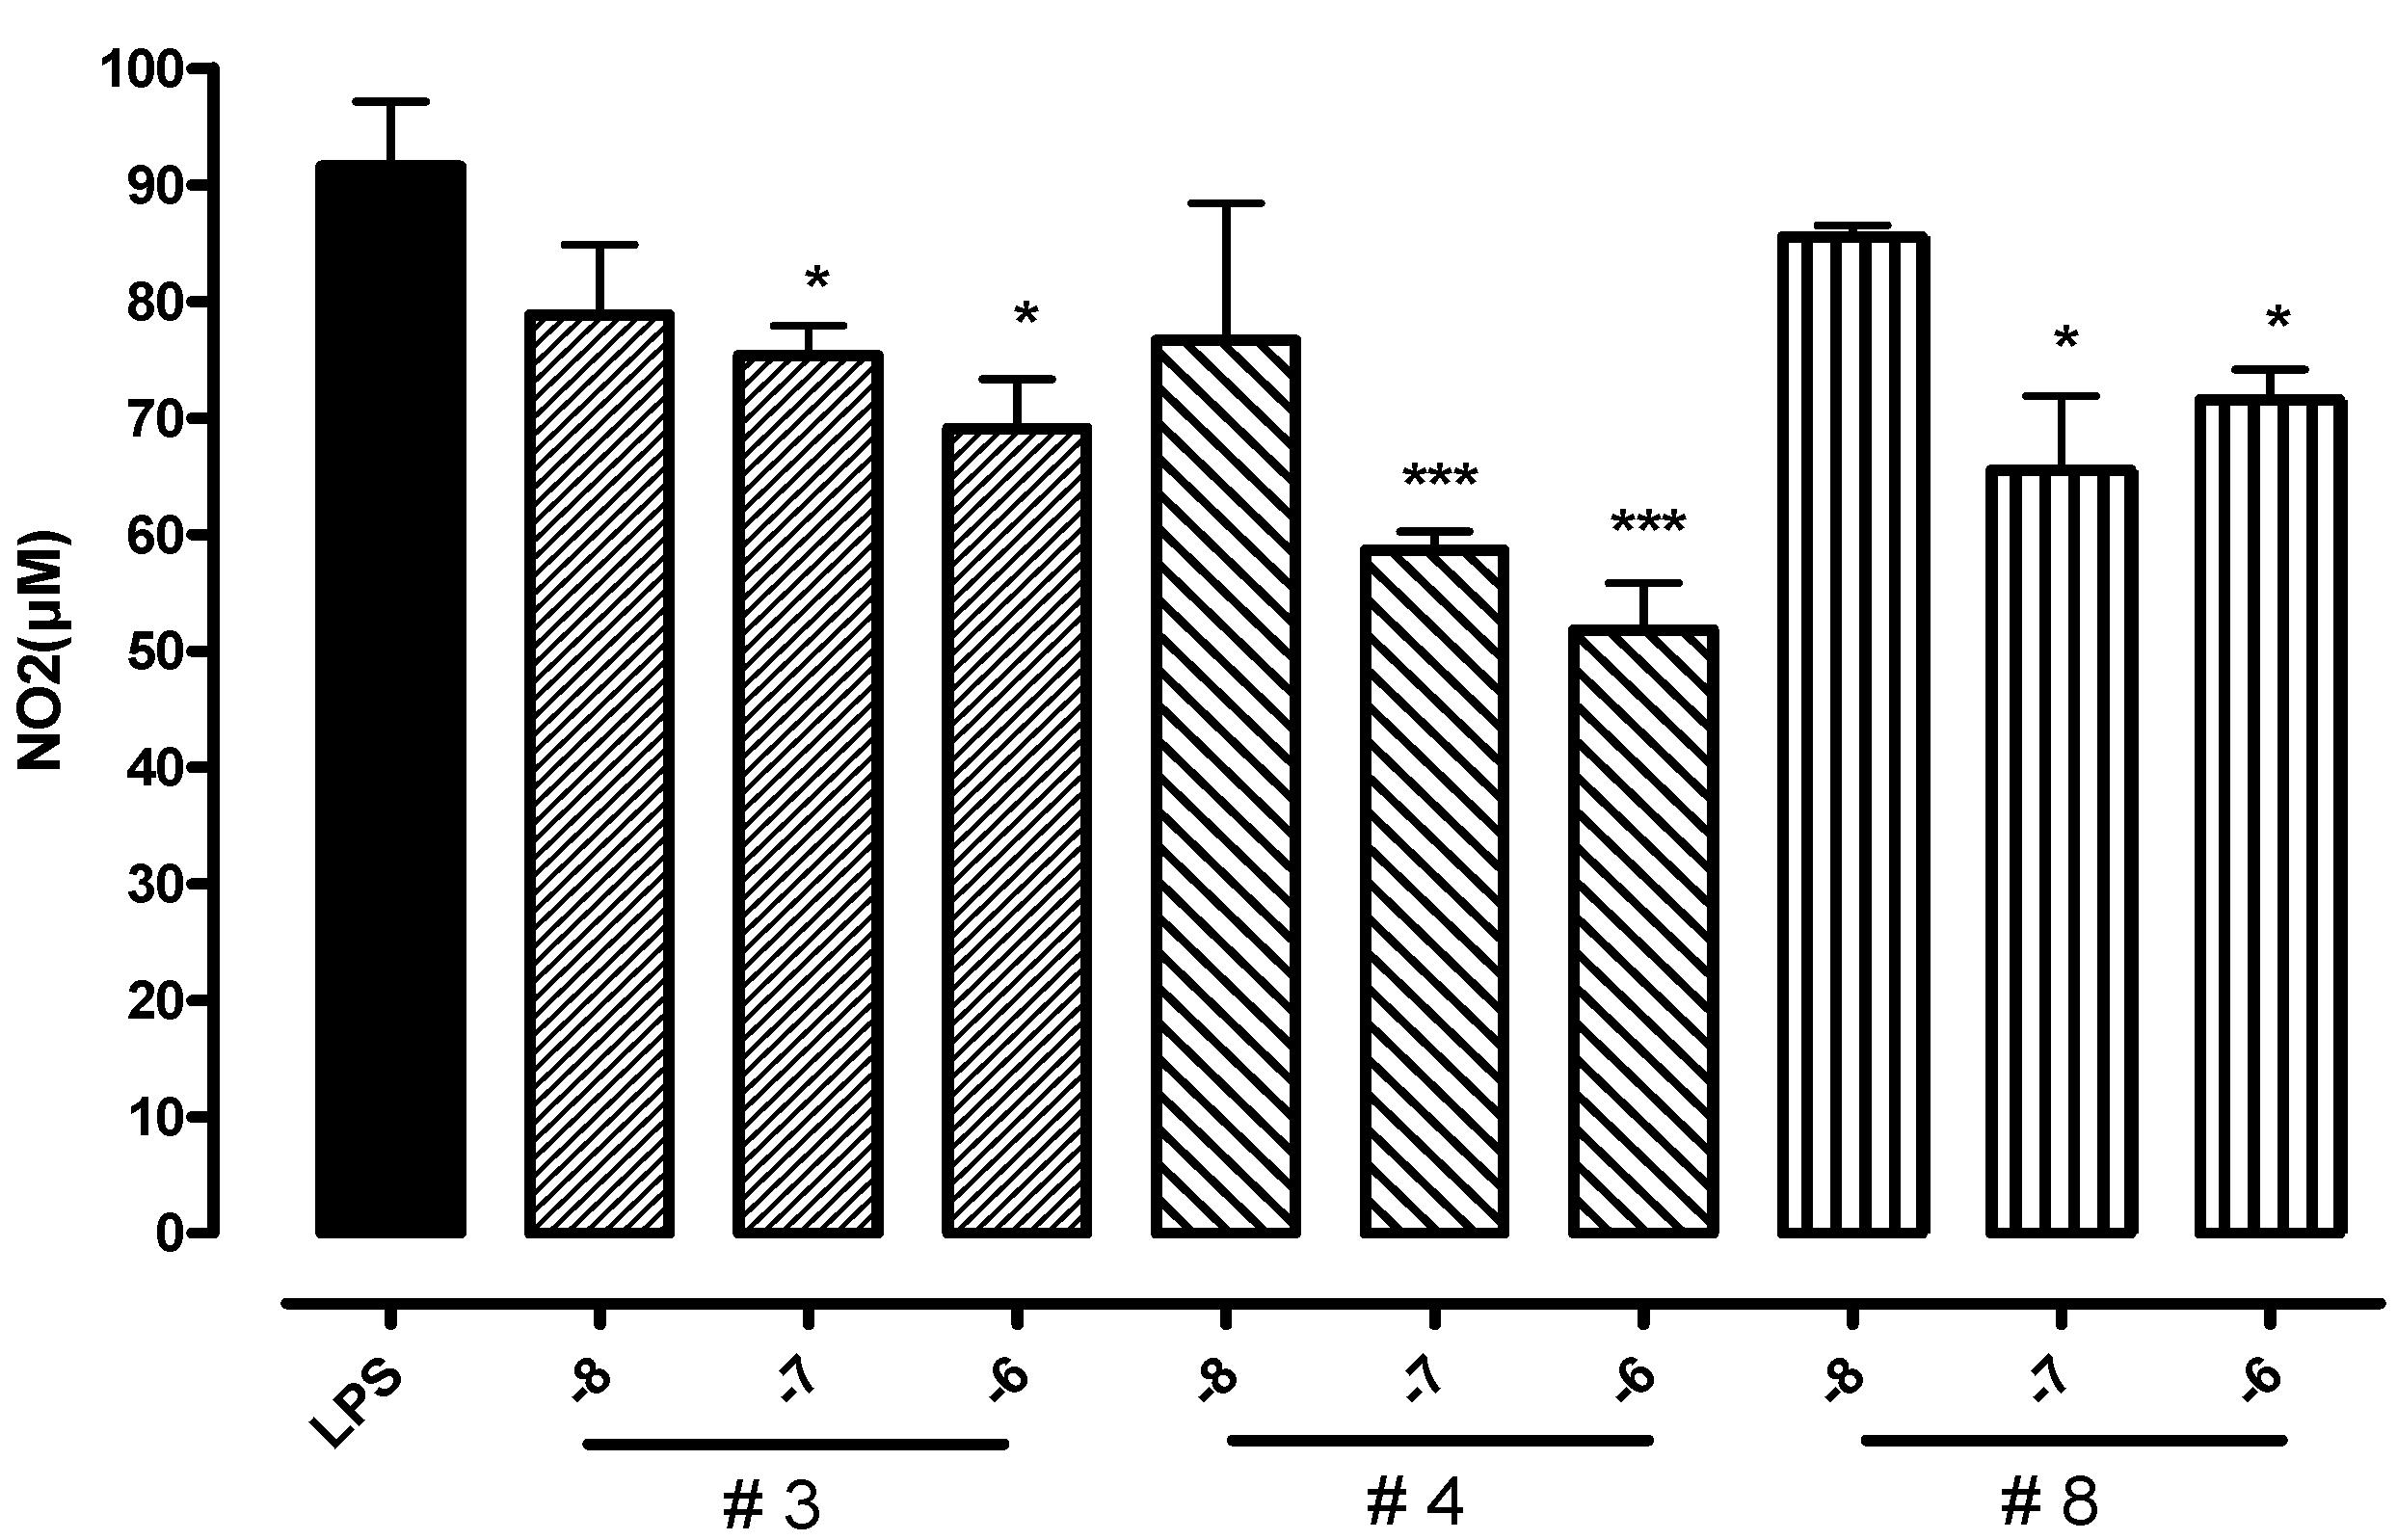 brine shrimp lethality bioassay pdf